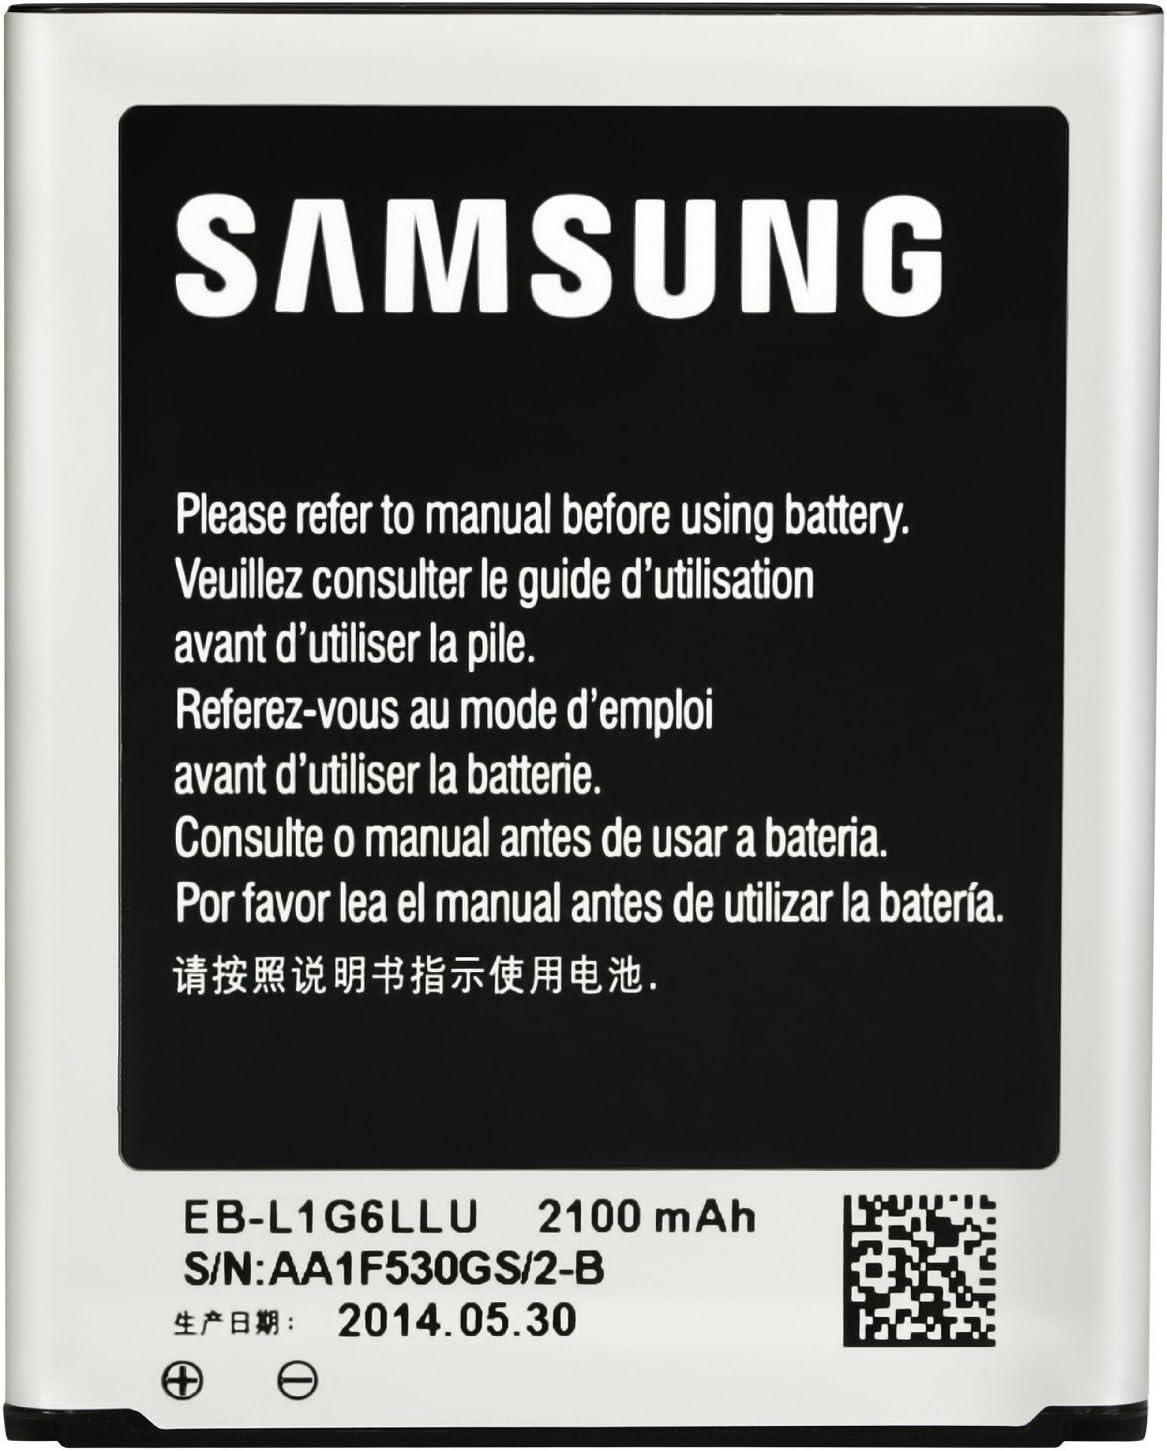 SAMSUNG Batería Original EB-L1G6LLU para Galaxy S3 - GT-i9300 (1 Unidad)